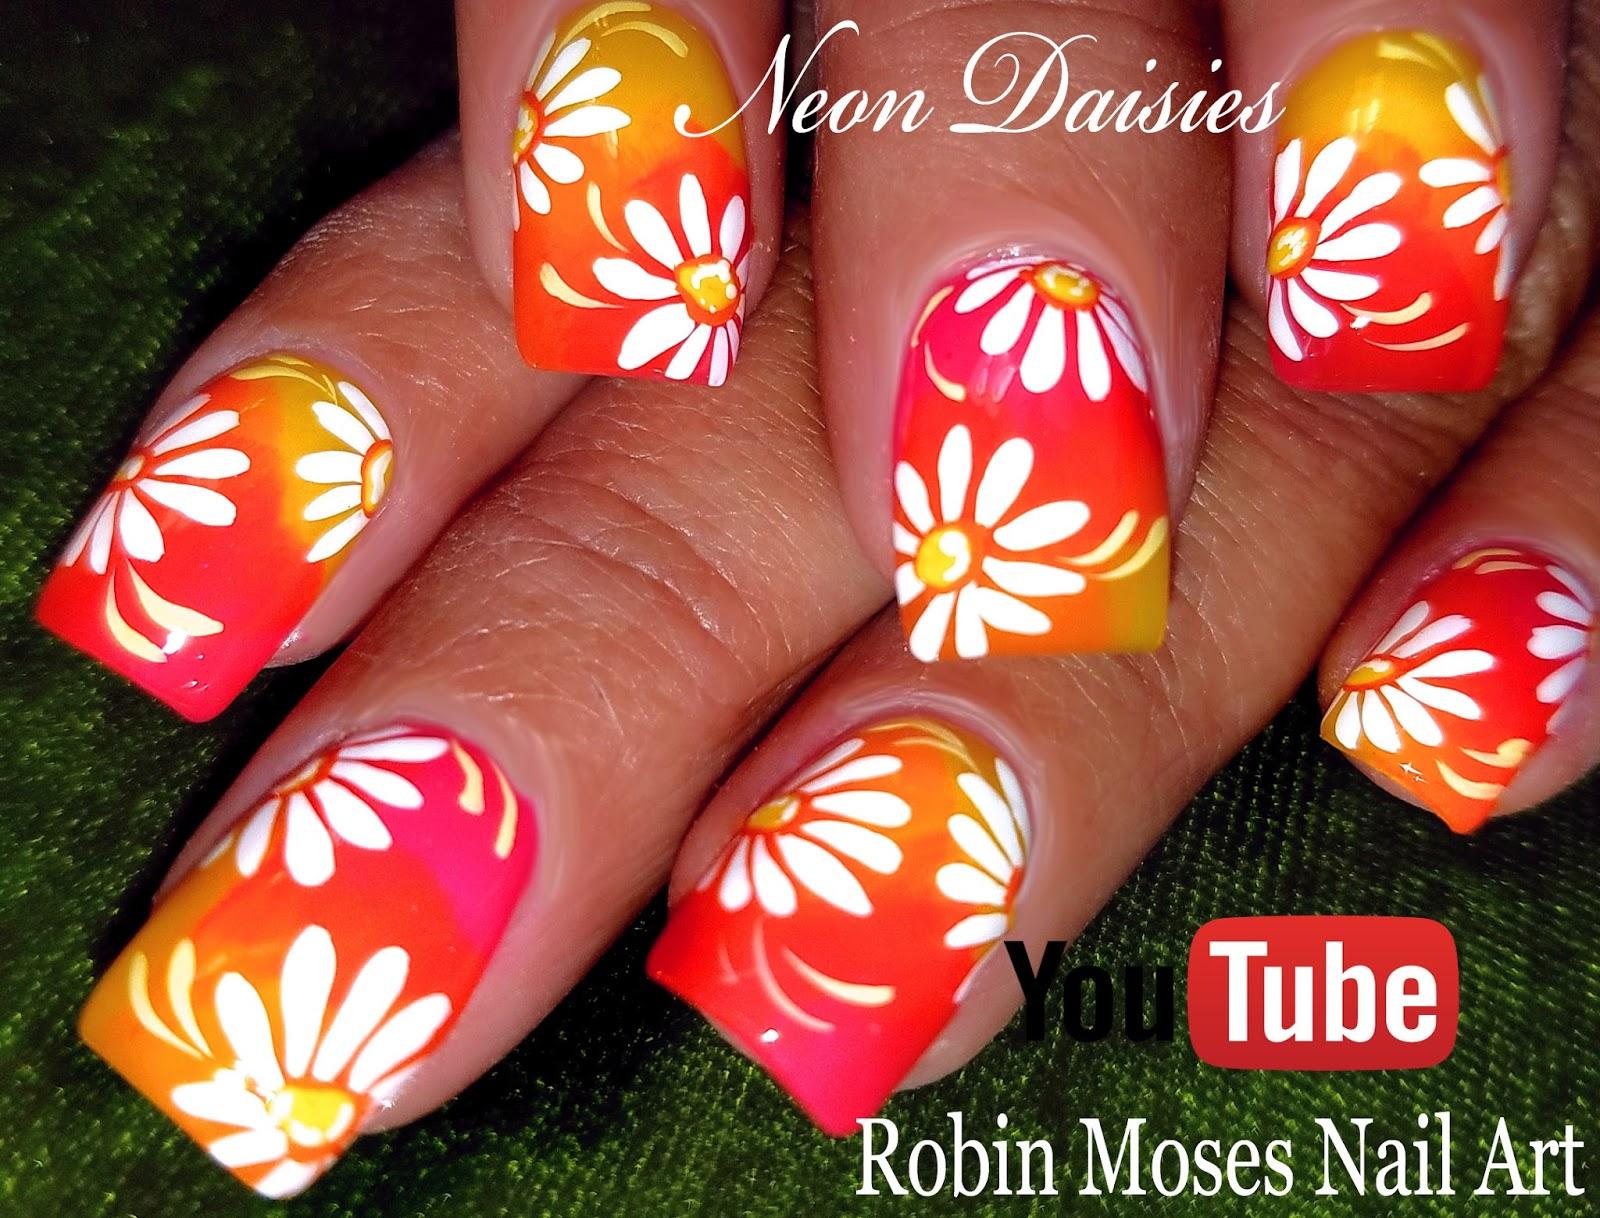 Robin Moses Nail Art: DIY Hand Painted Neon Flower nail ...